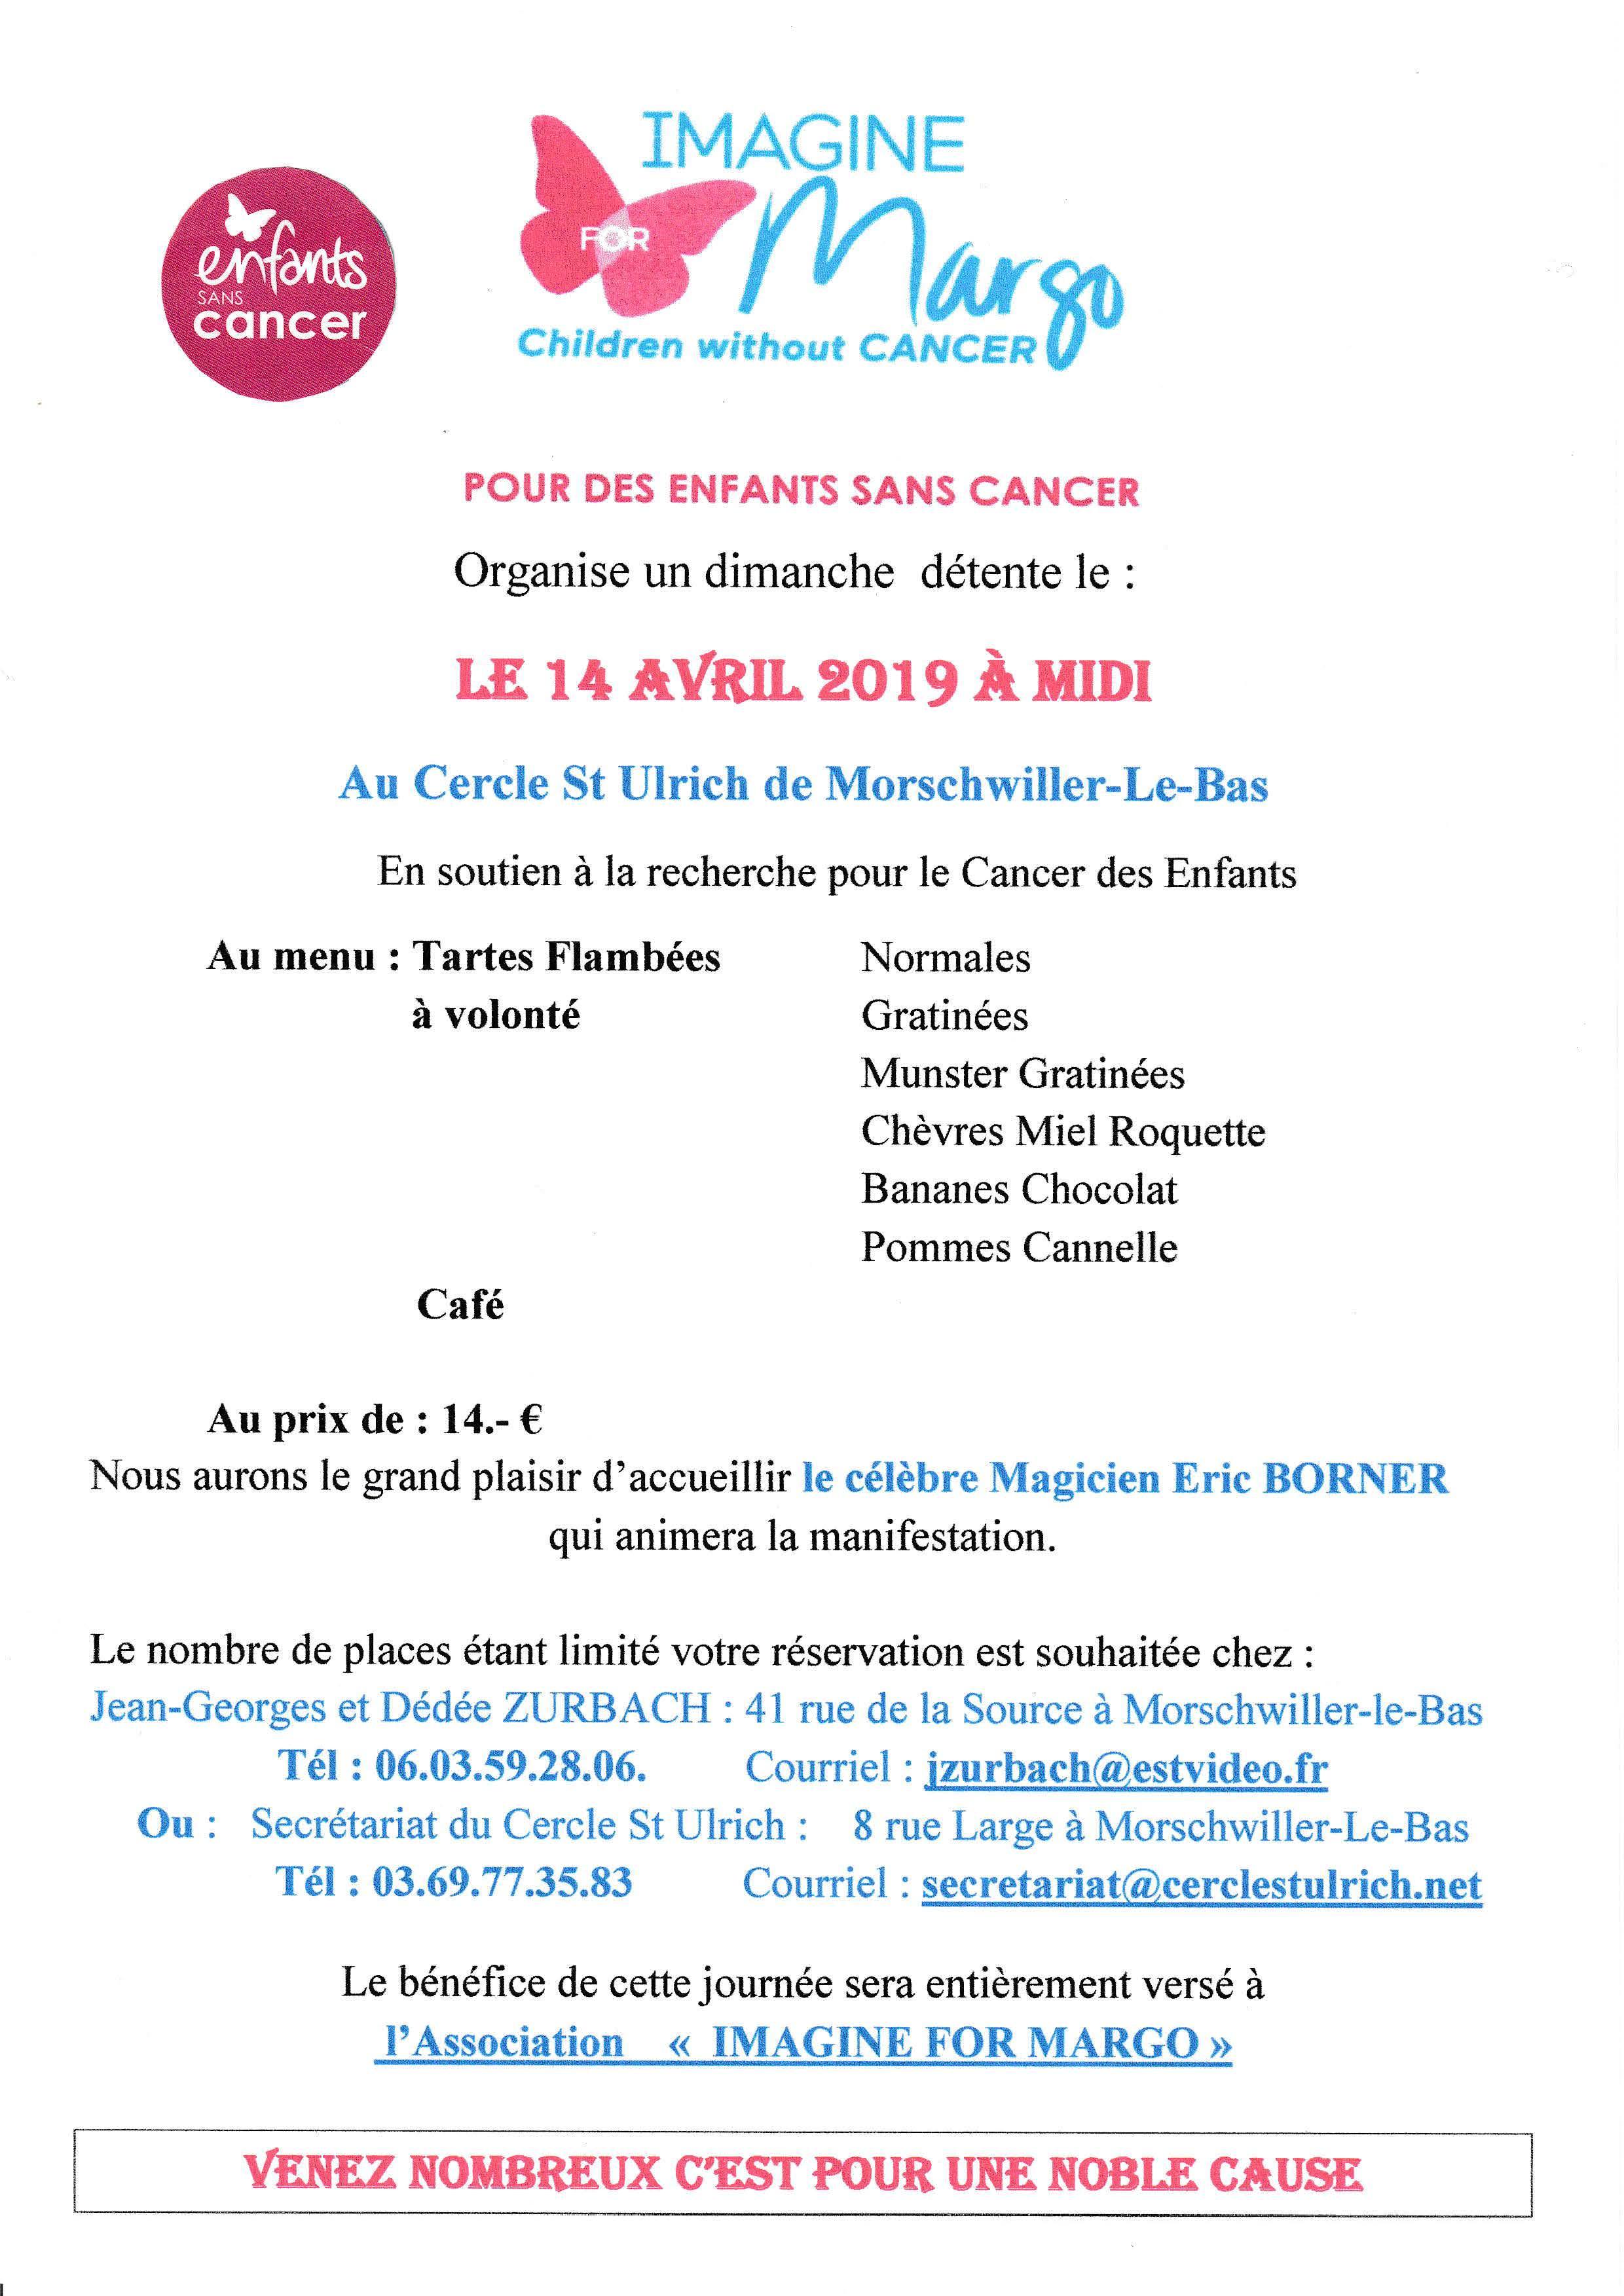 évènement organisé pour lutter contre le cancer des enfants